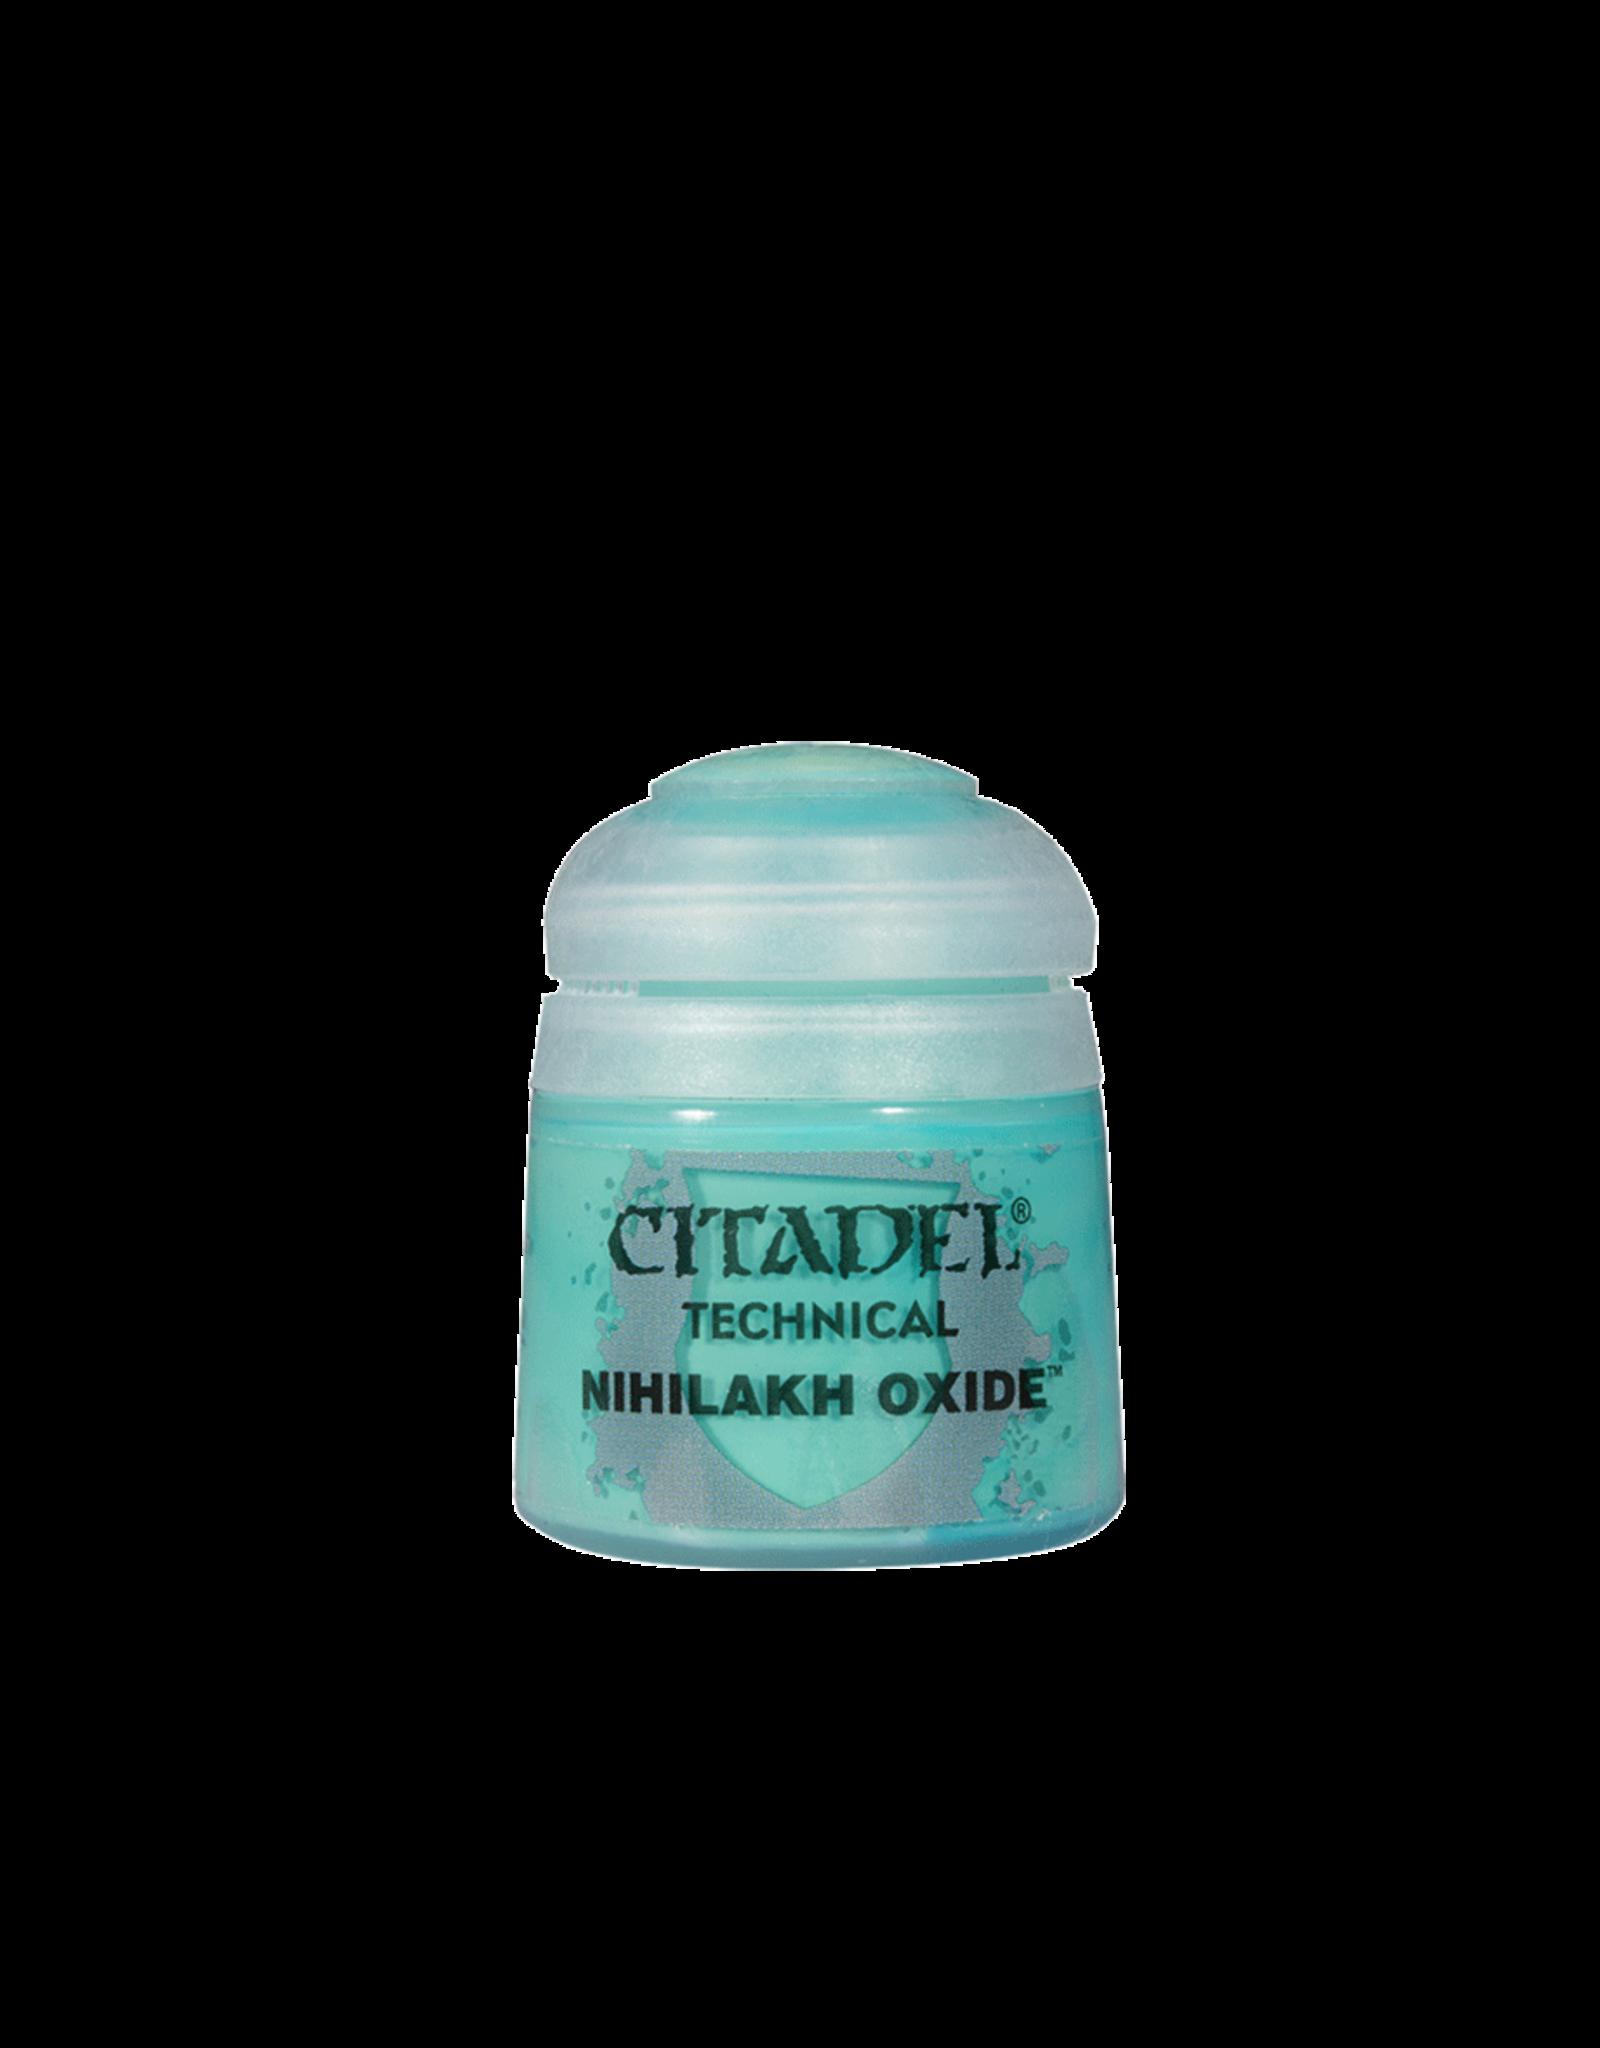 Citadel Citadel Paints: Technical -  Nihilakh Oxide